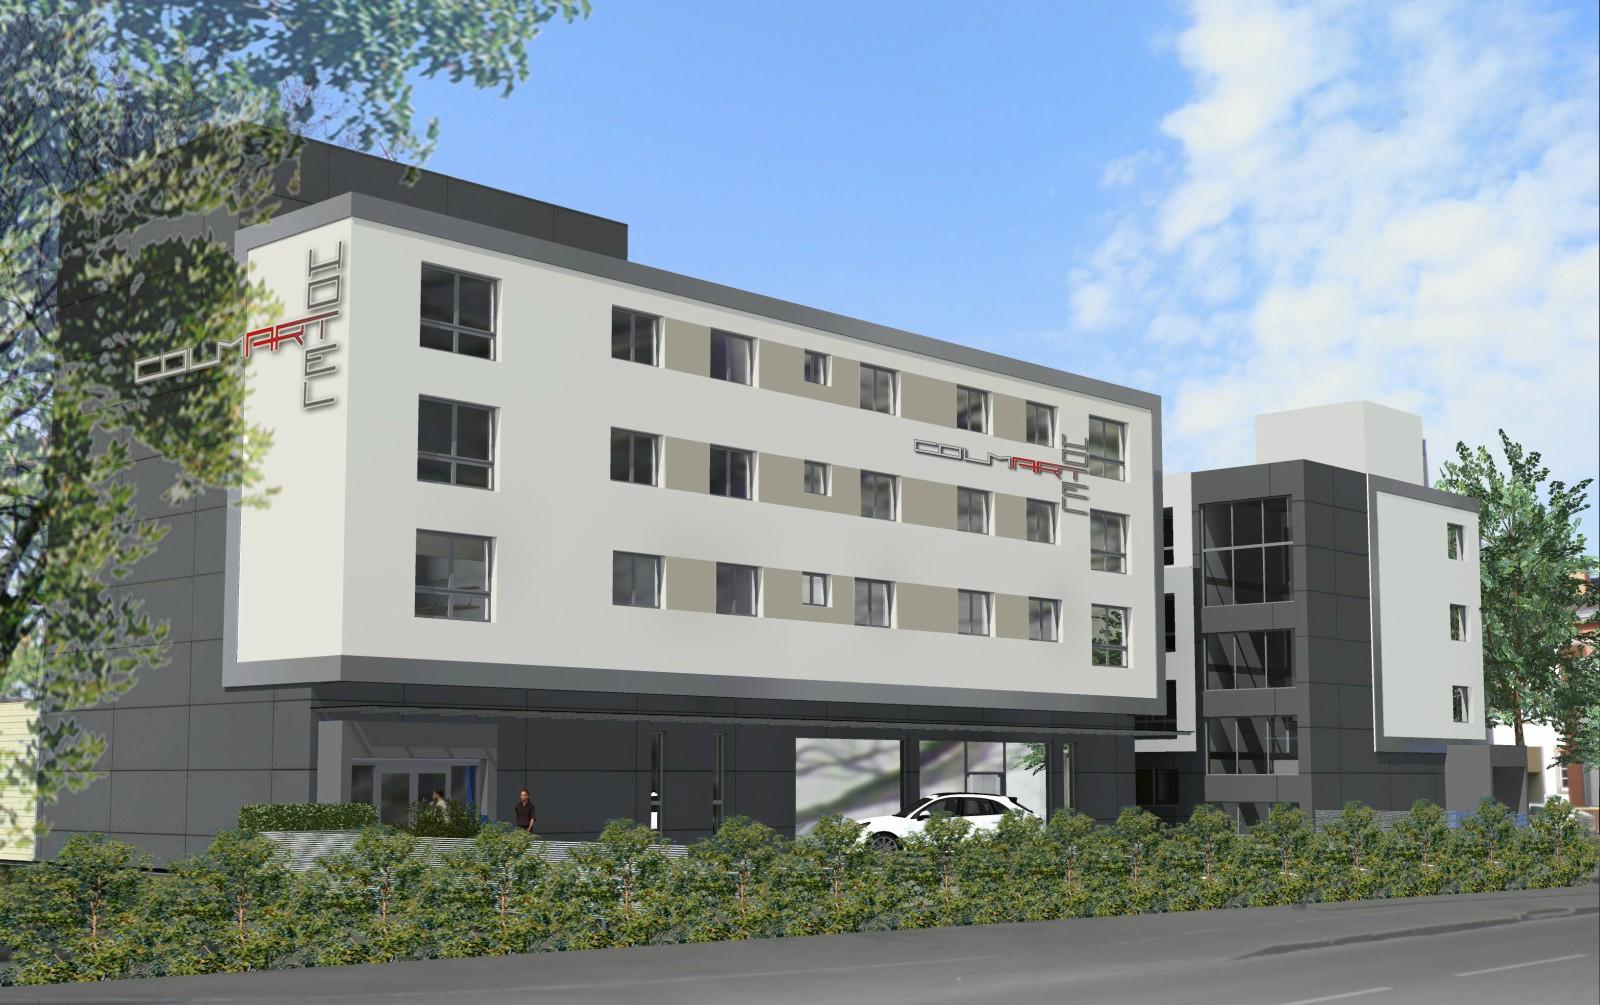 Colmar h tel colmar for Hotels colmar